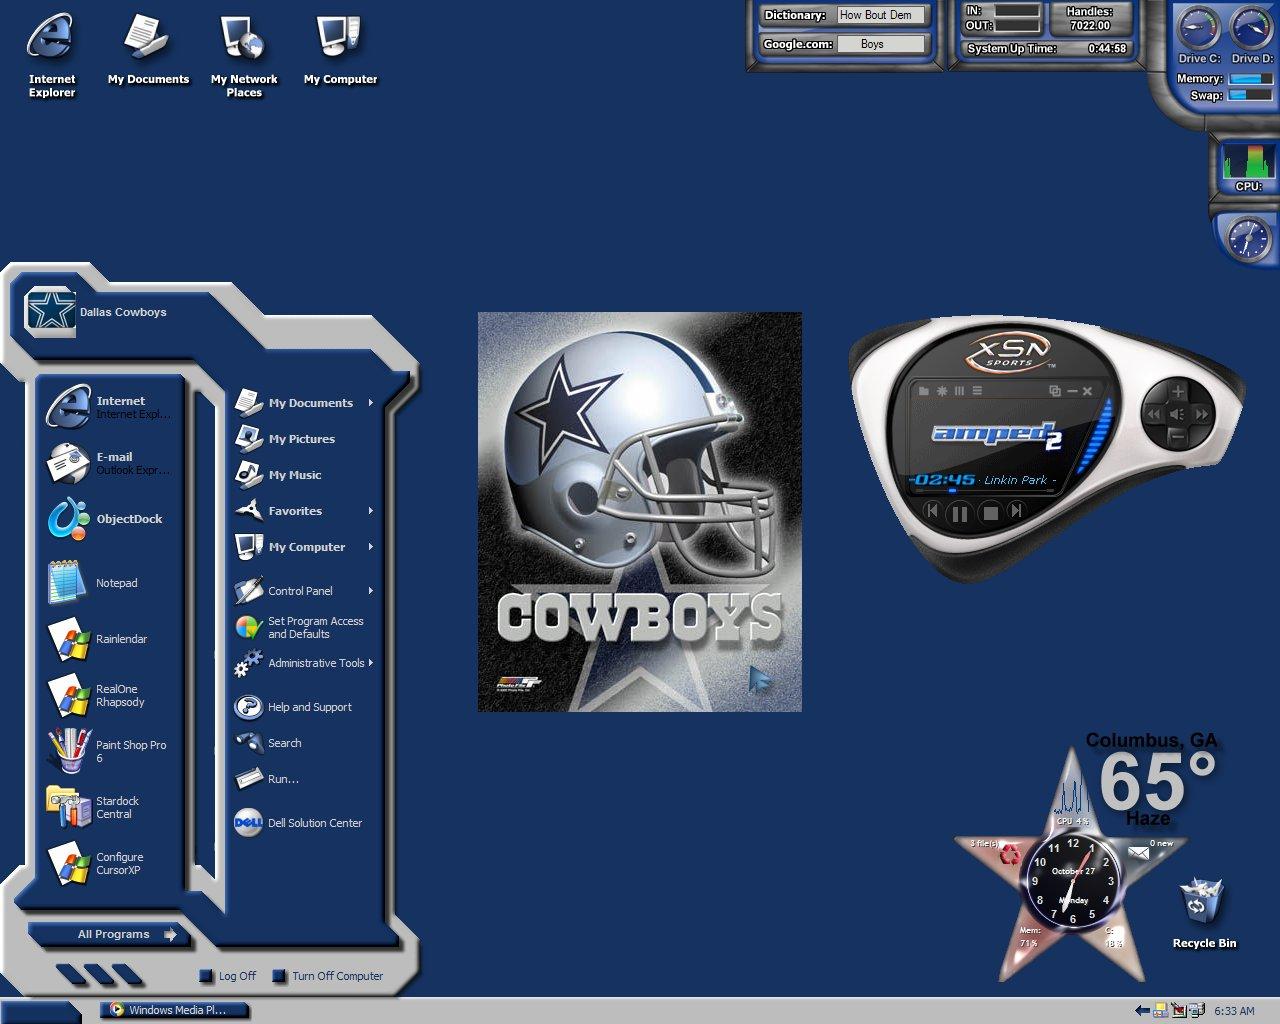 dallas cowboys desktop background wallpaper   wwwwallpapers in hdcom 1280x1024